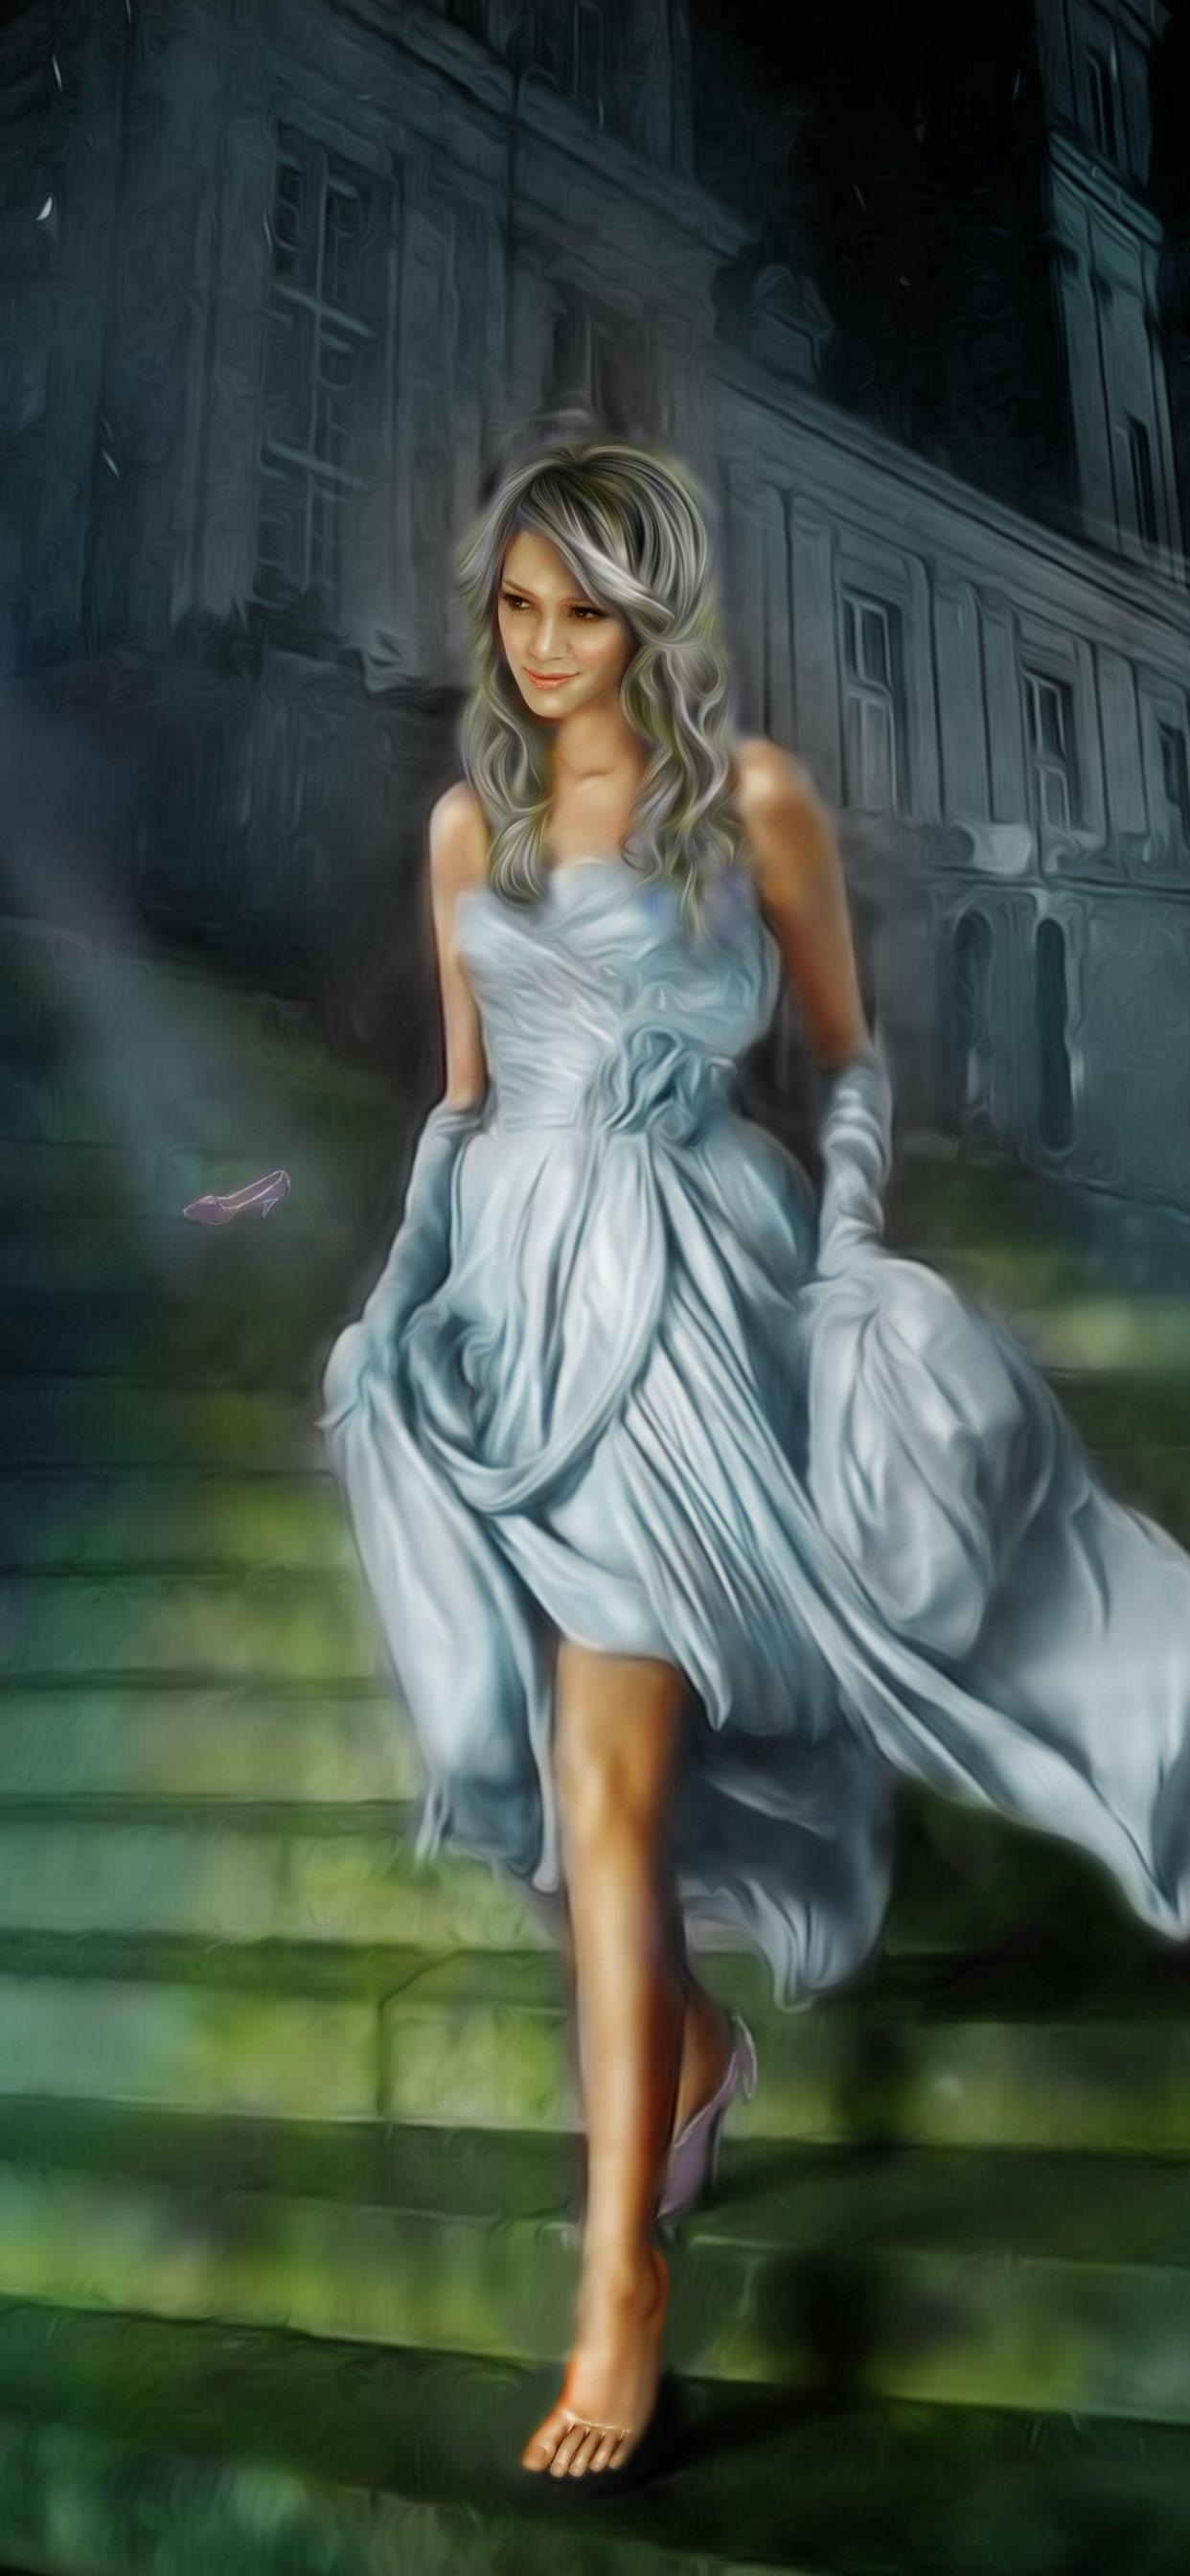 シンデレラ 笑顔の女の子 スカート はしご アート画像 1242x2688